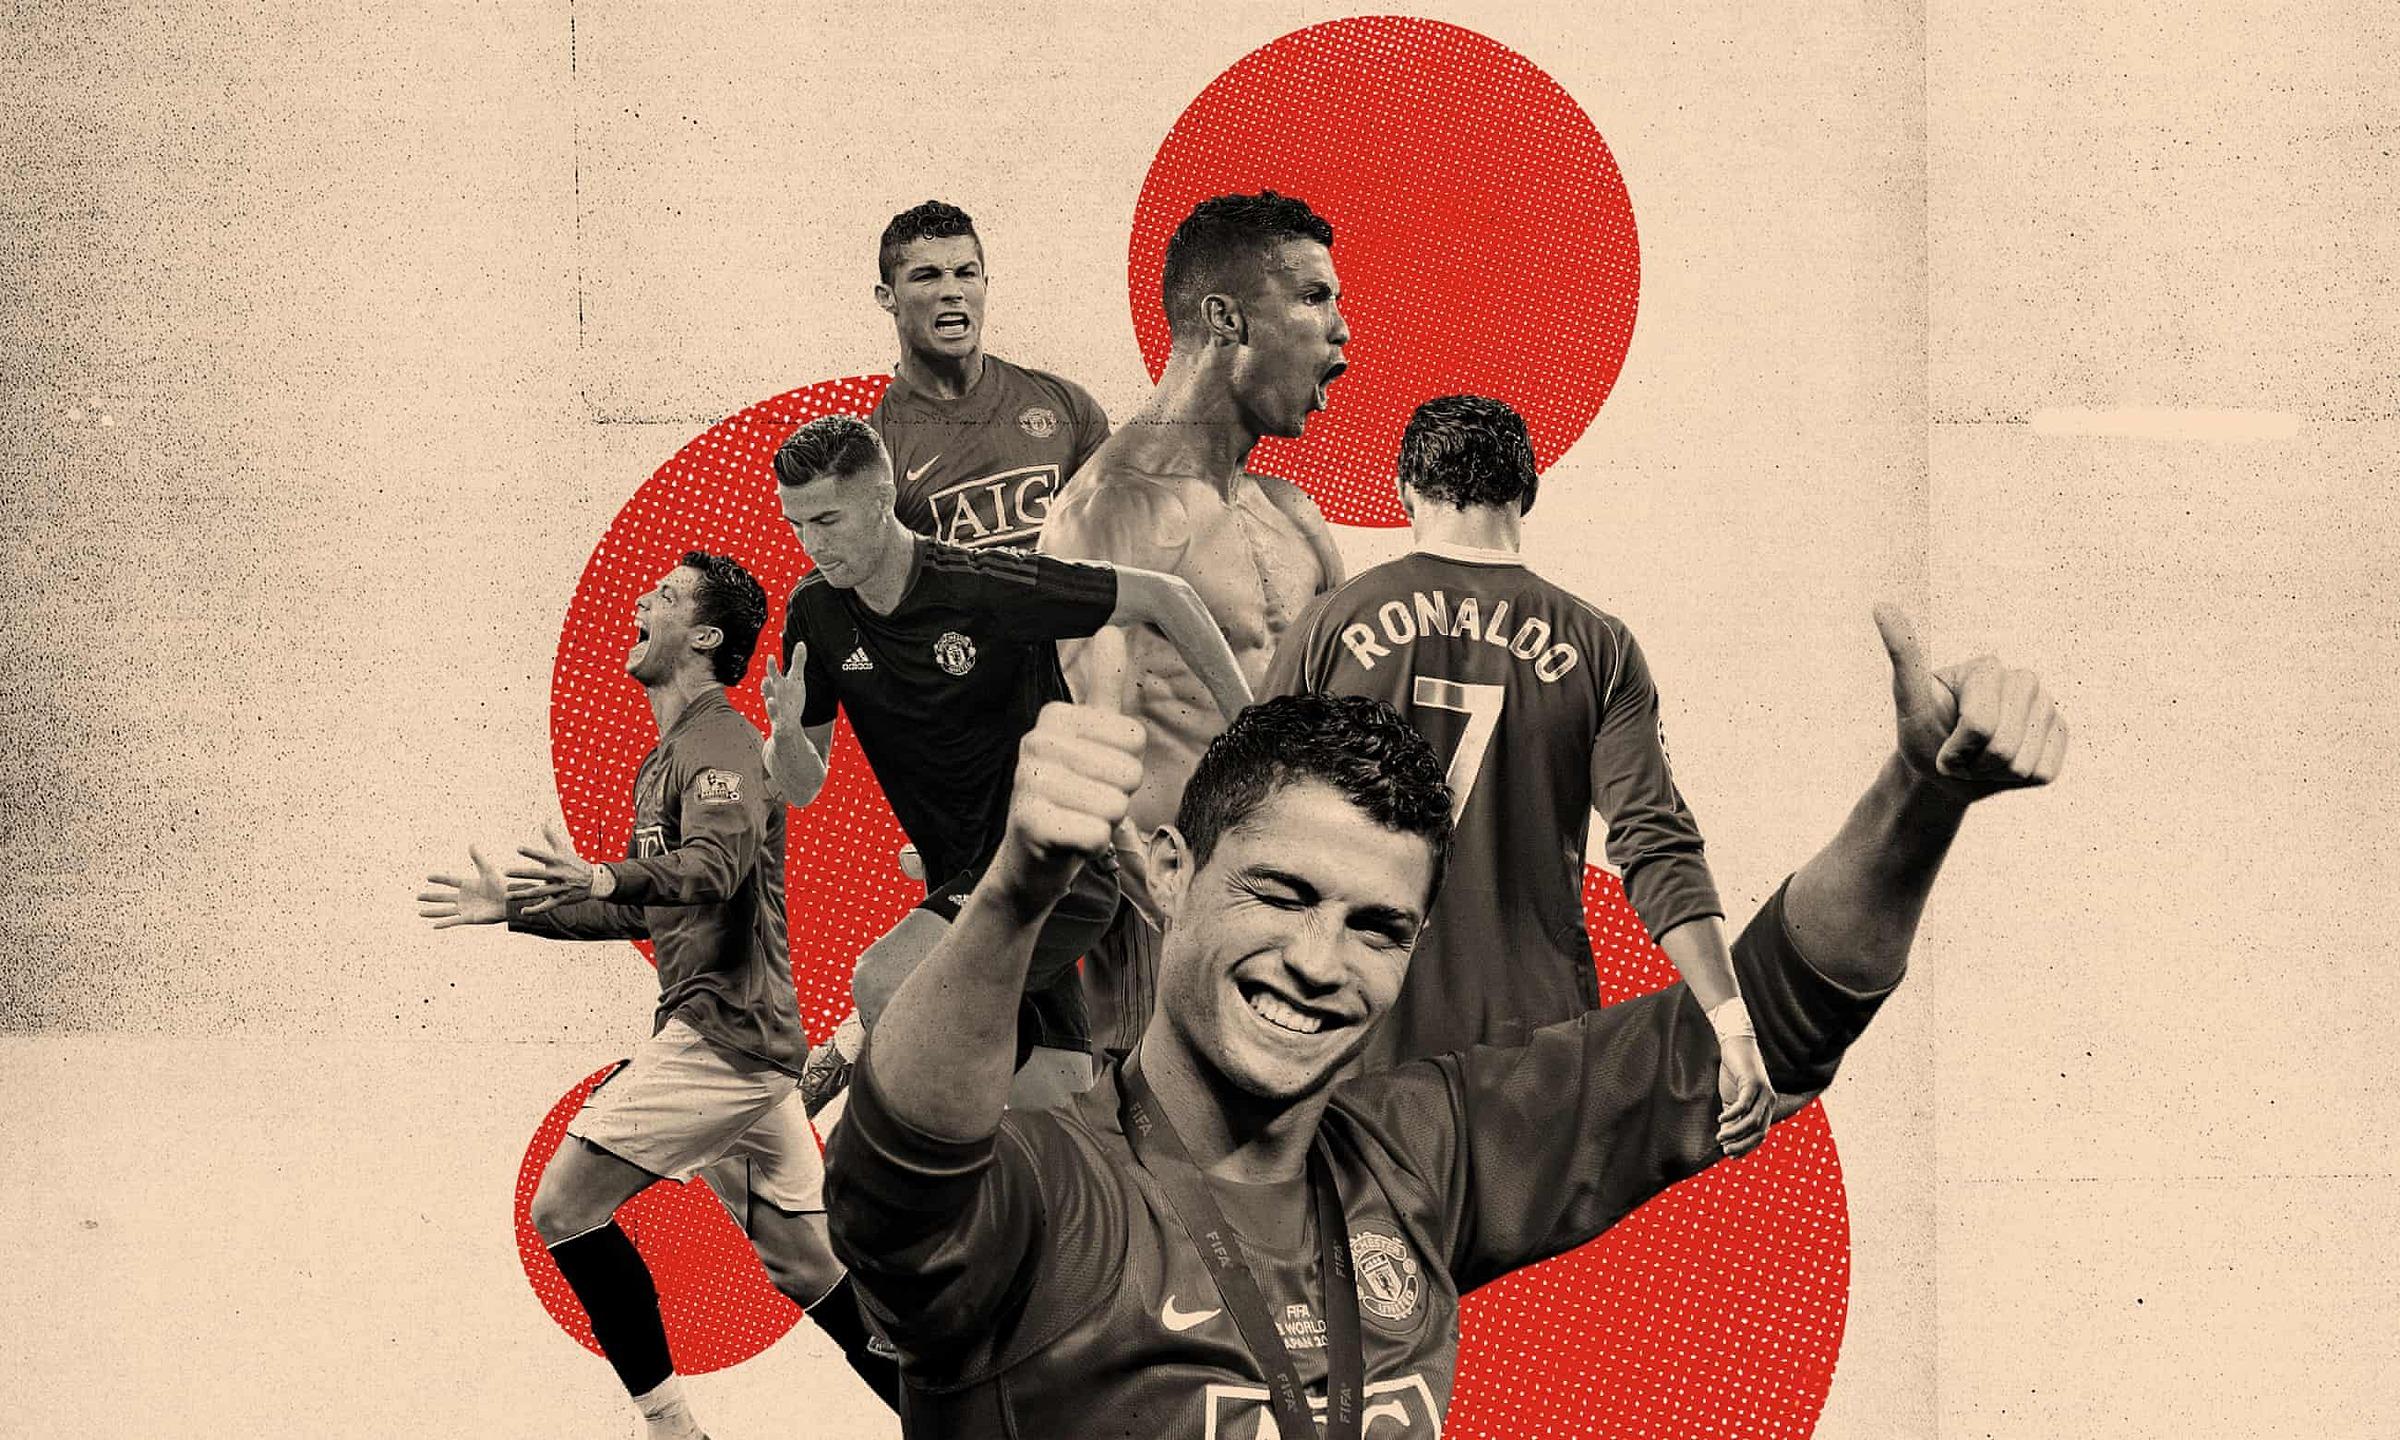 Ronaldo, với sự nghiệp lẫy lừng, sẽ là nguồn cảm hứng lớn để nâng cấp Man Utd mùa này. Ảnh: Guardian